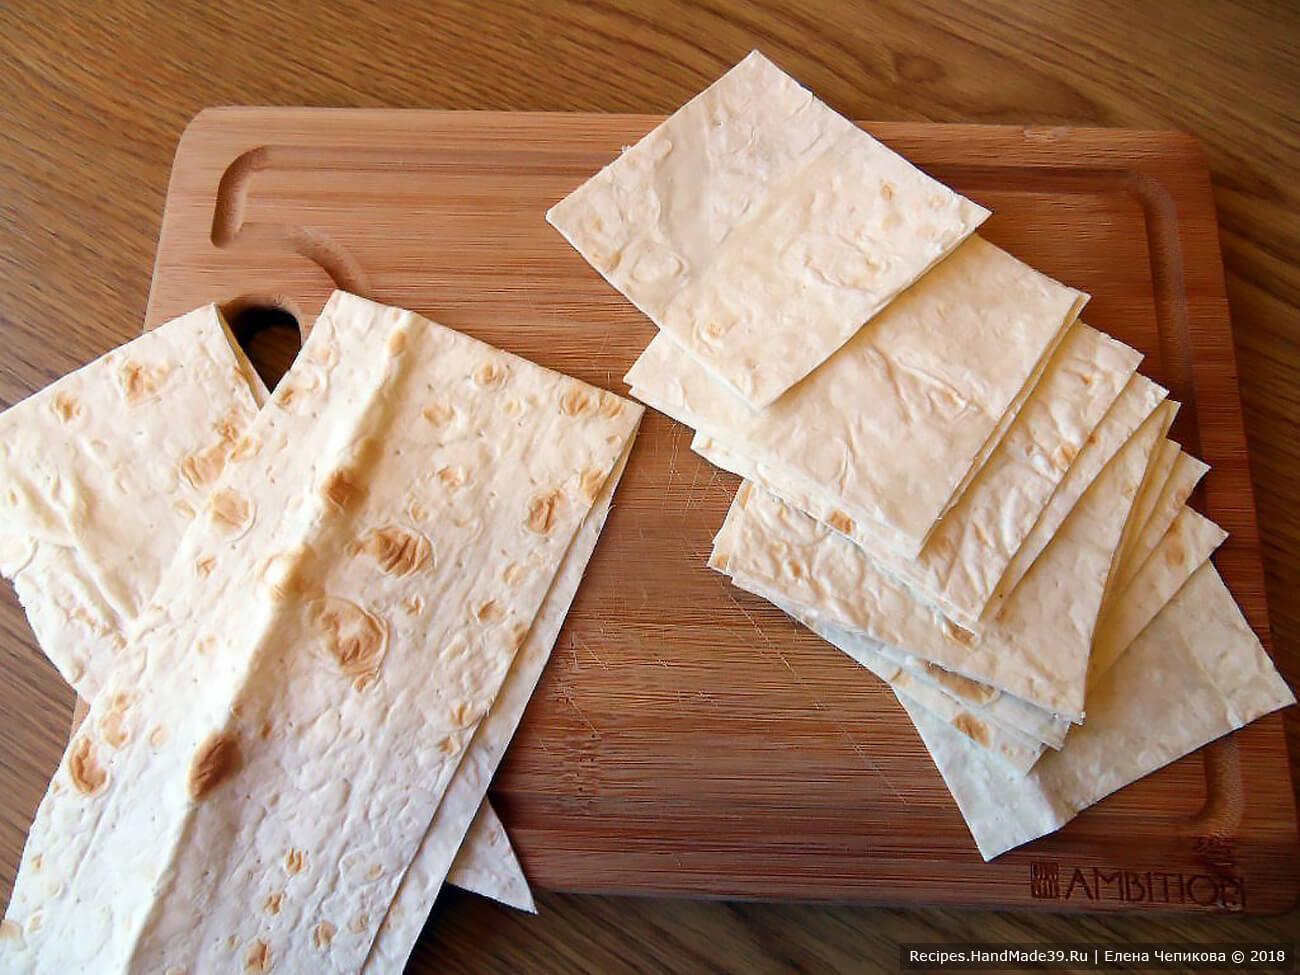 Тонкий армянский лаваш разрезать на квадратики со стороной 7 см